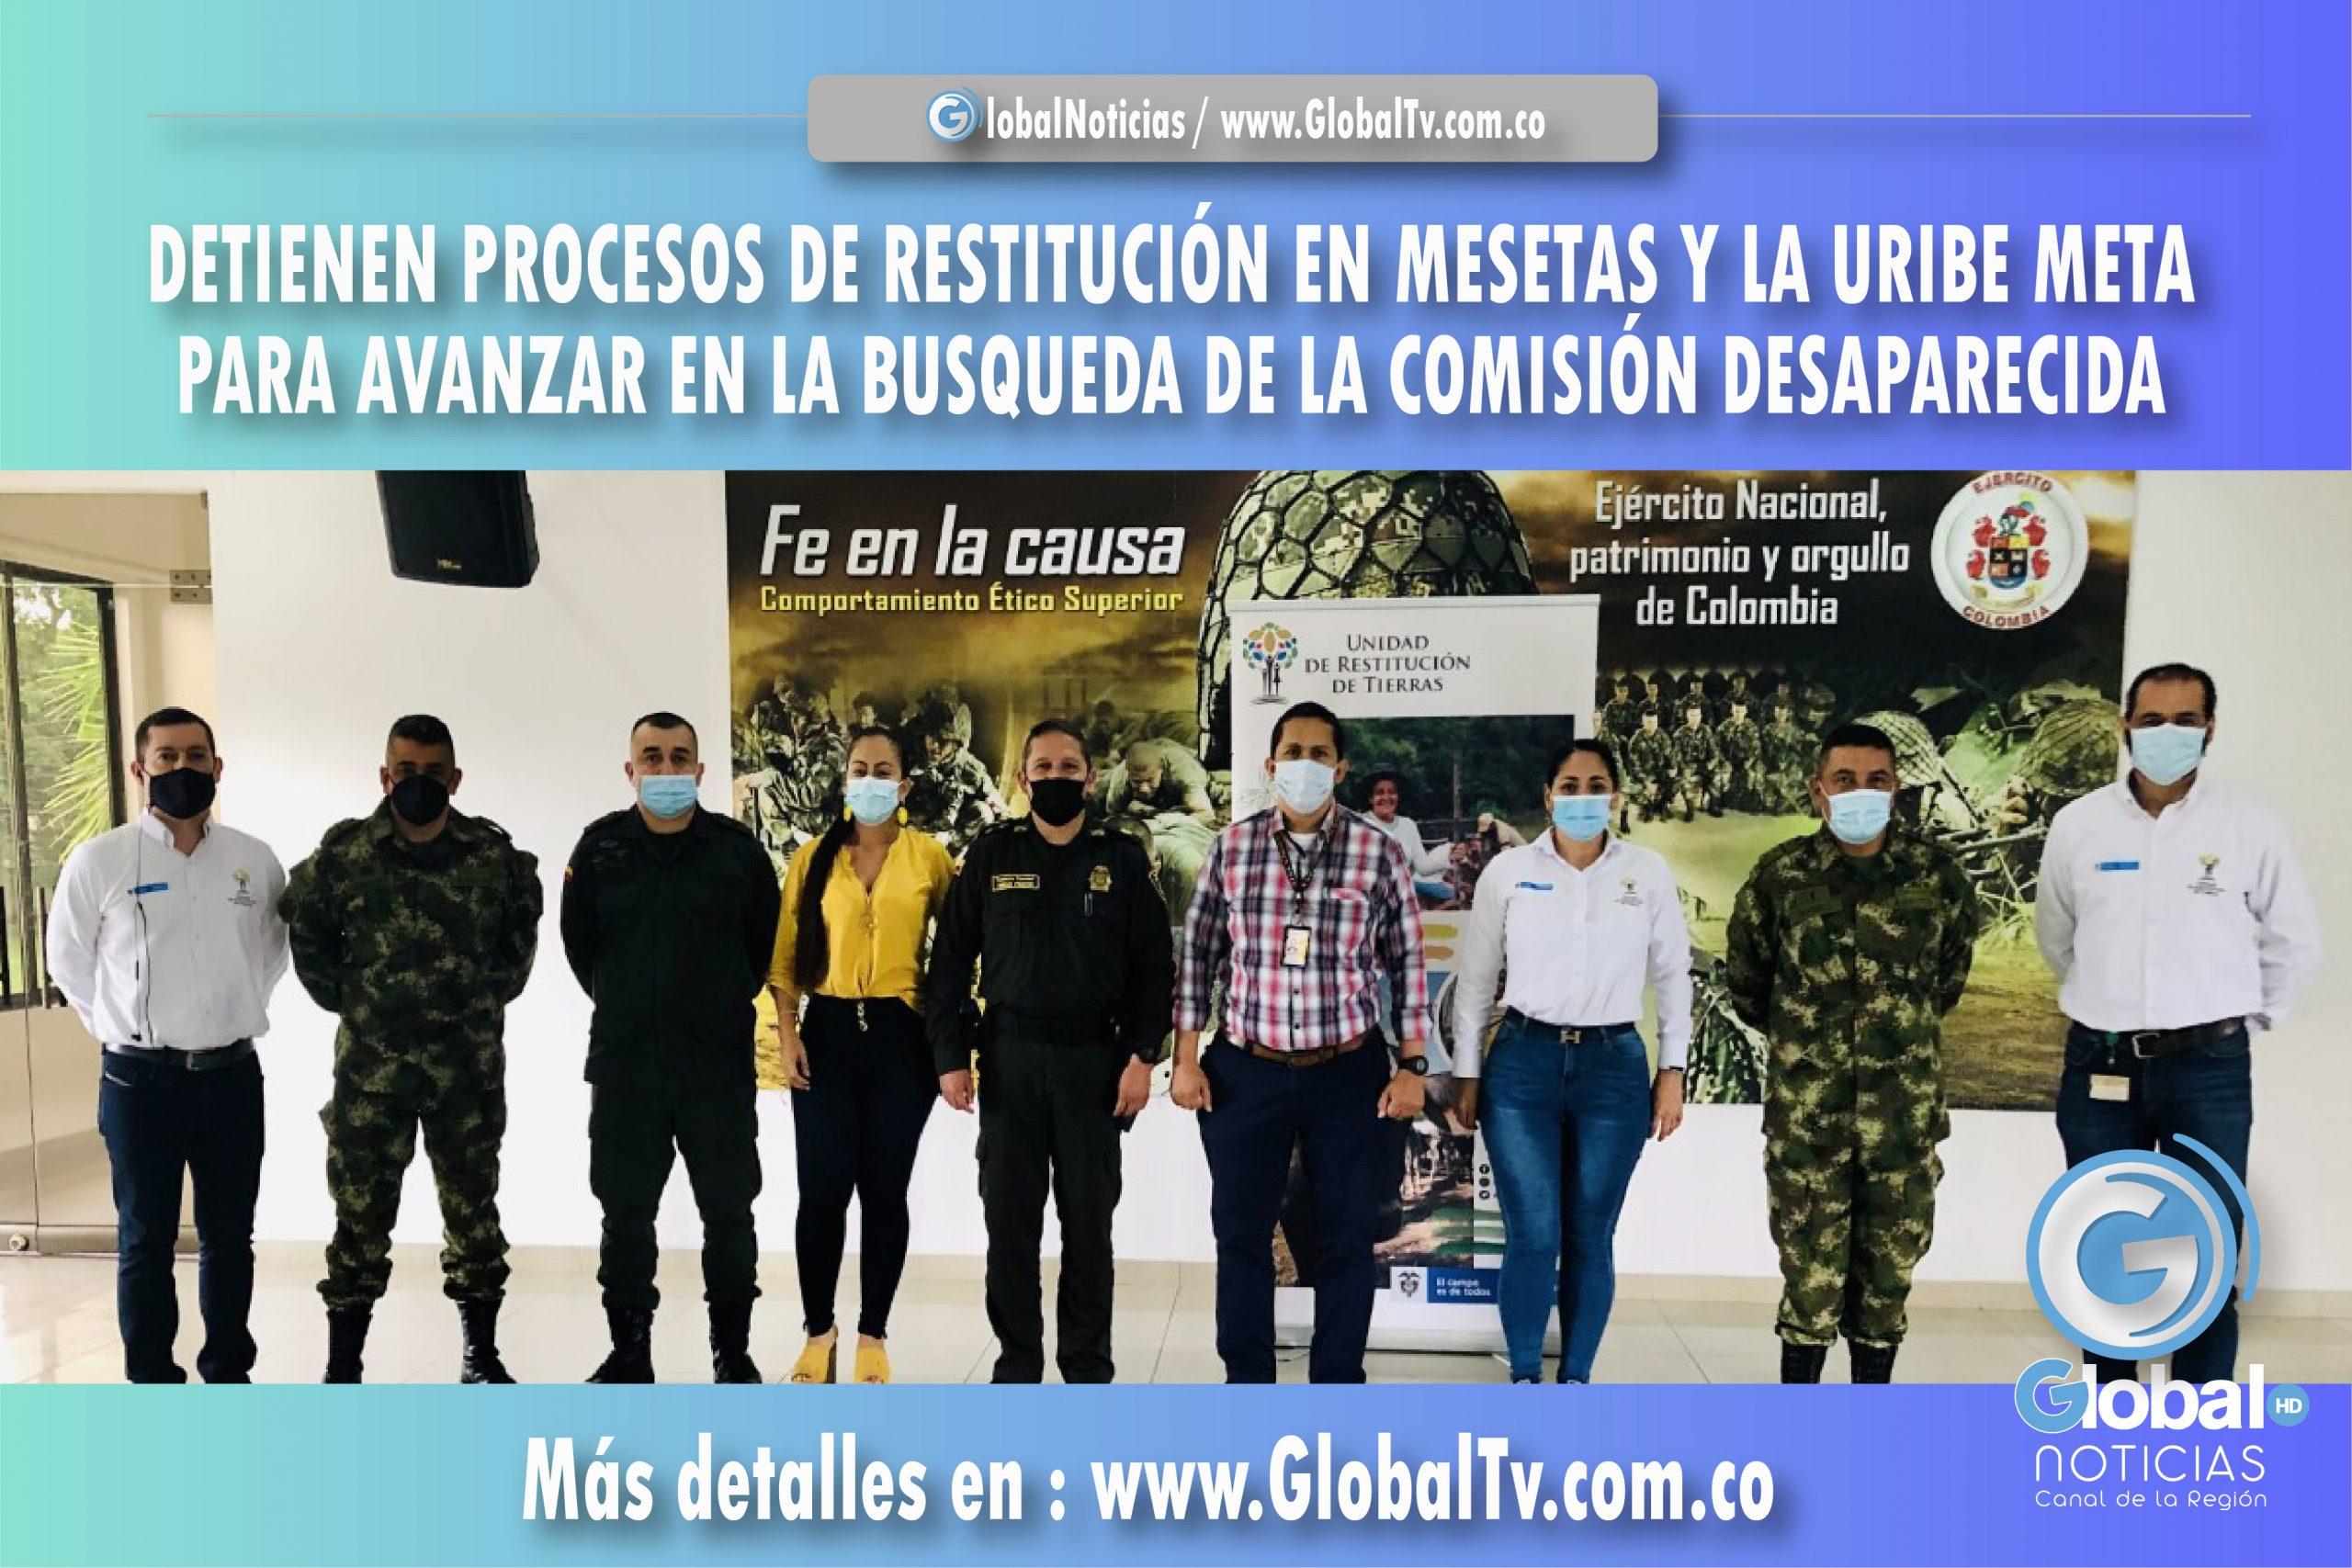 DETIENEN PROCESOS DE RESTITUCIÓN EN MESETAS Y LA URIBE META, PARA AVANZAR EN LA BUSQUEDA DE LA COMISIÓN DESAPARECIDA